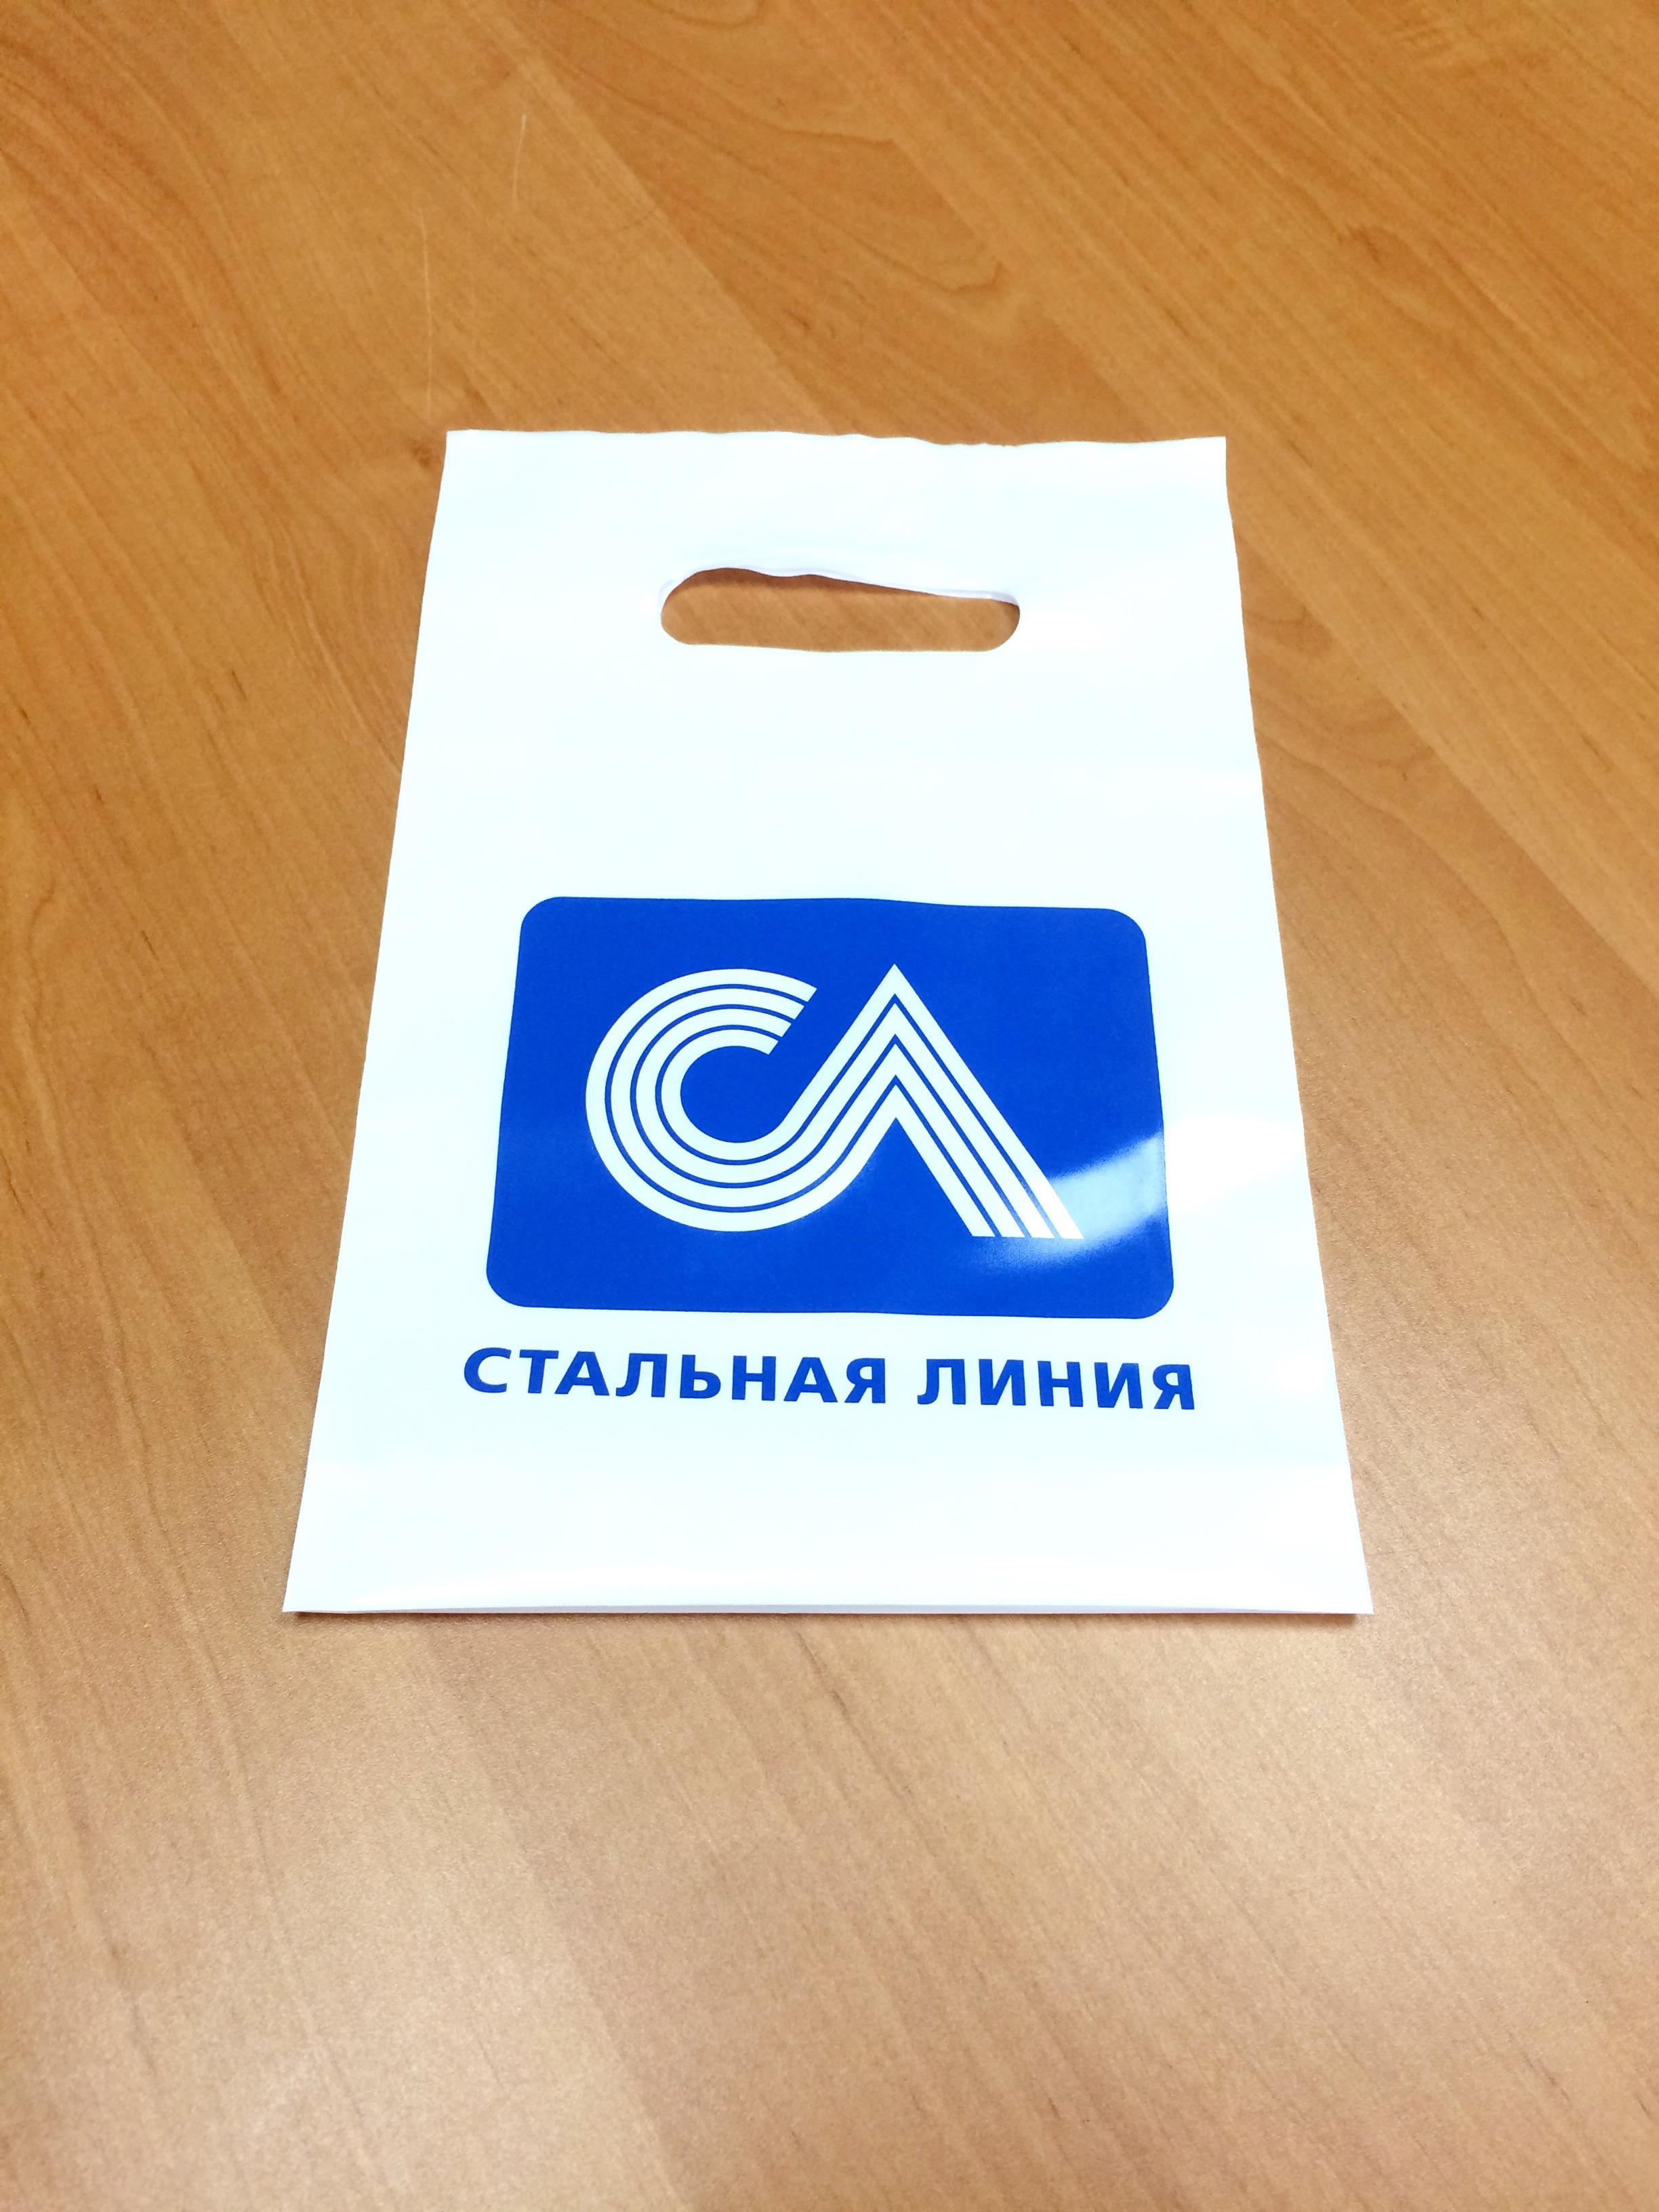 Цены и стоимость на пакеты ПВД, печать в Минске